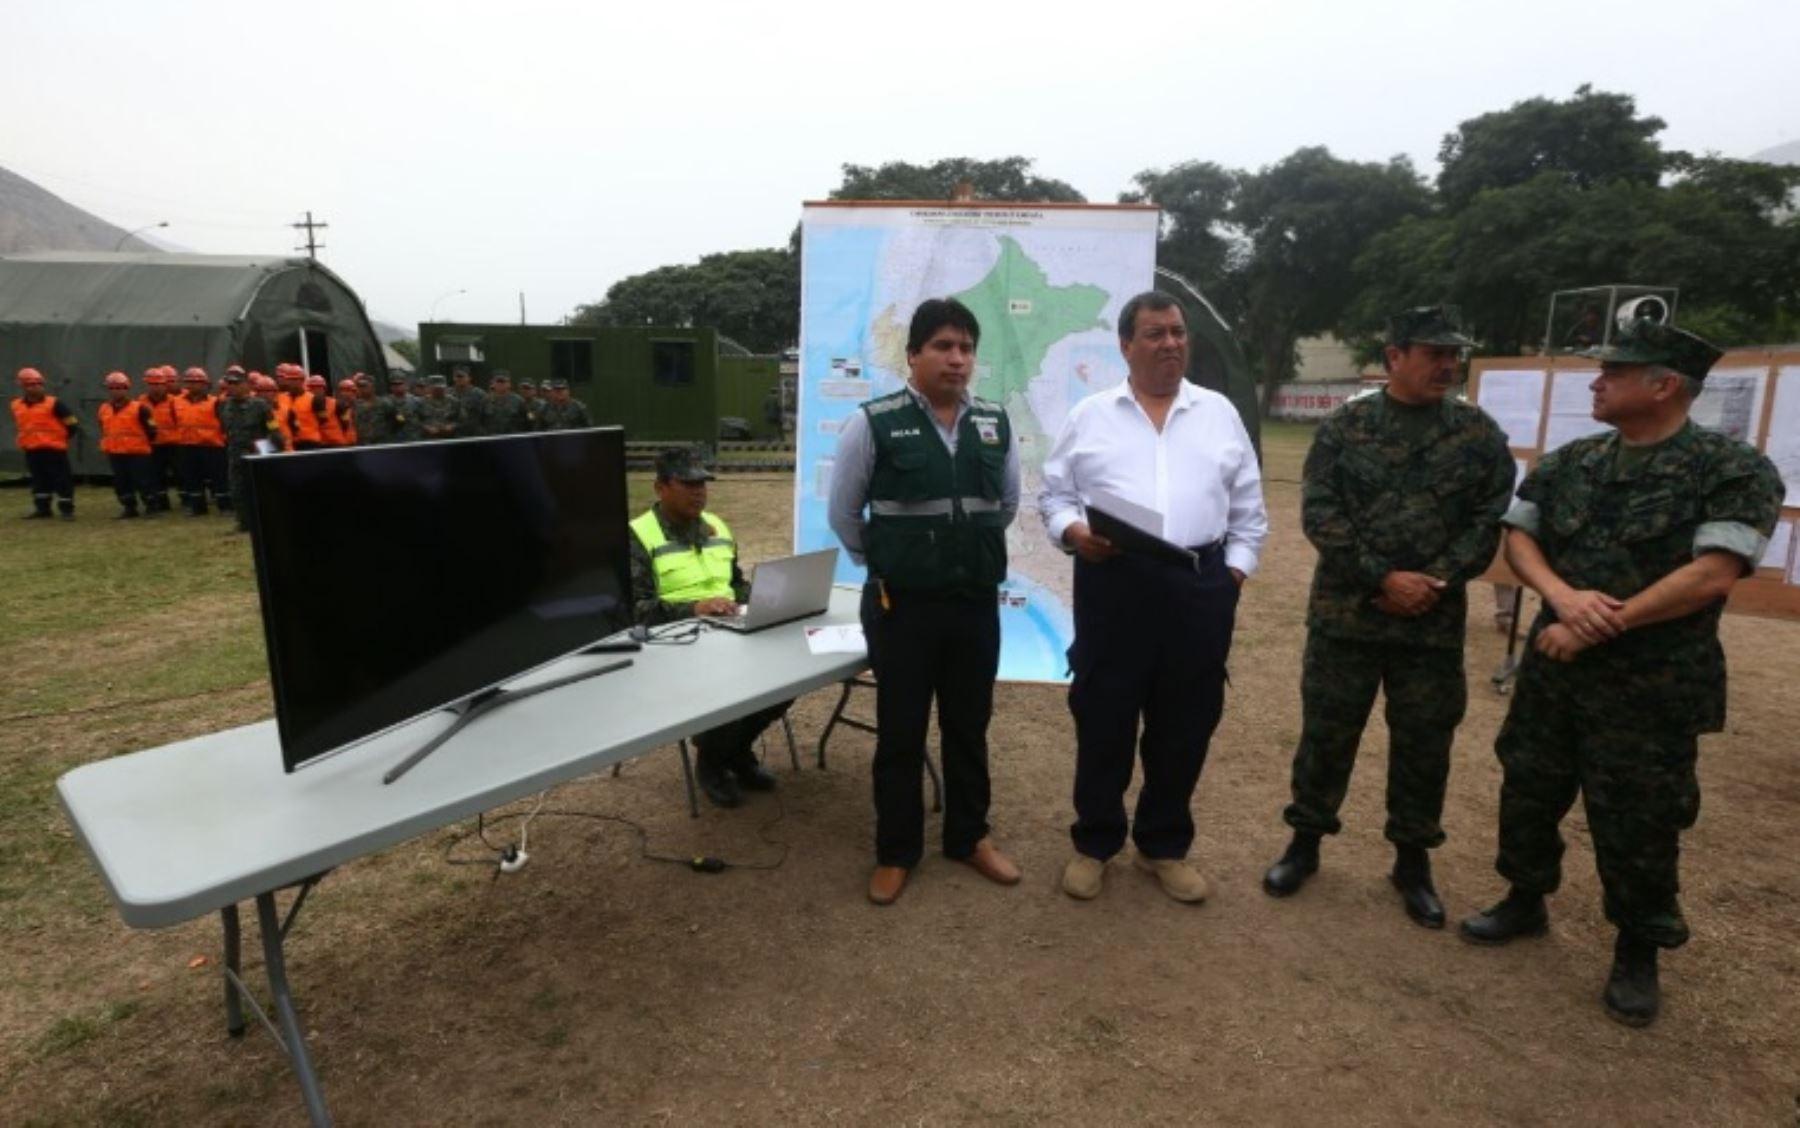 Ministro de Defensa, Jorge Nieto, destacó que se ha desplegado hasta el momento 32 toneladas de ayuda humanitaria y 632 maquinarias a las zonas afectadas por los desastres naturales.